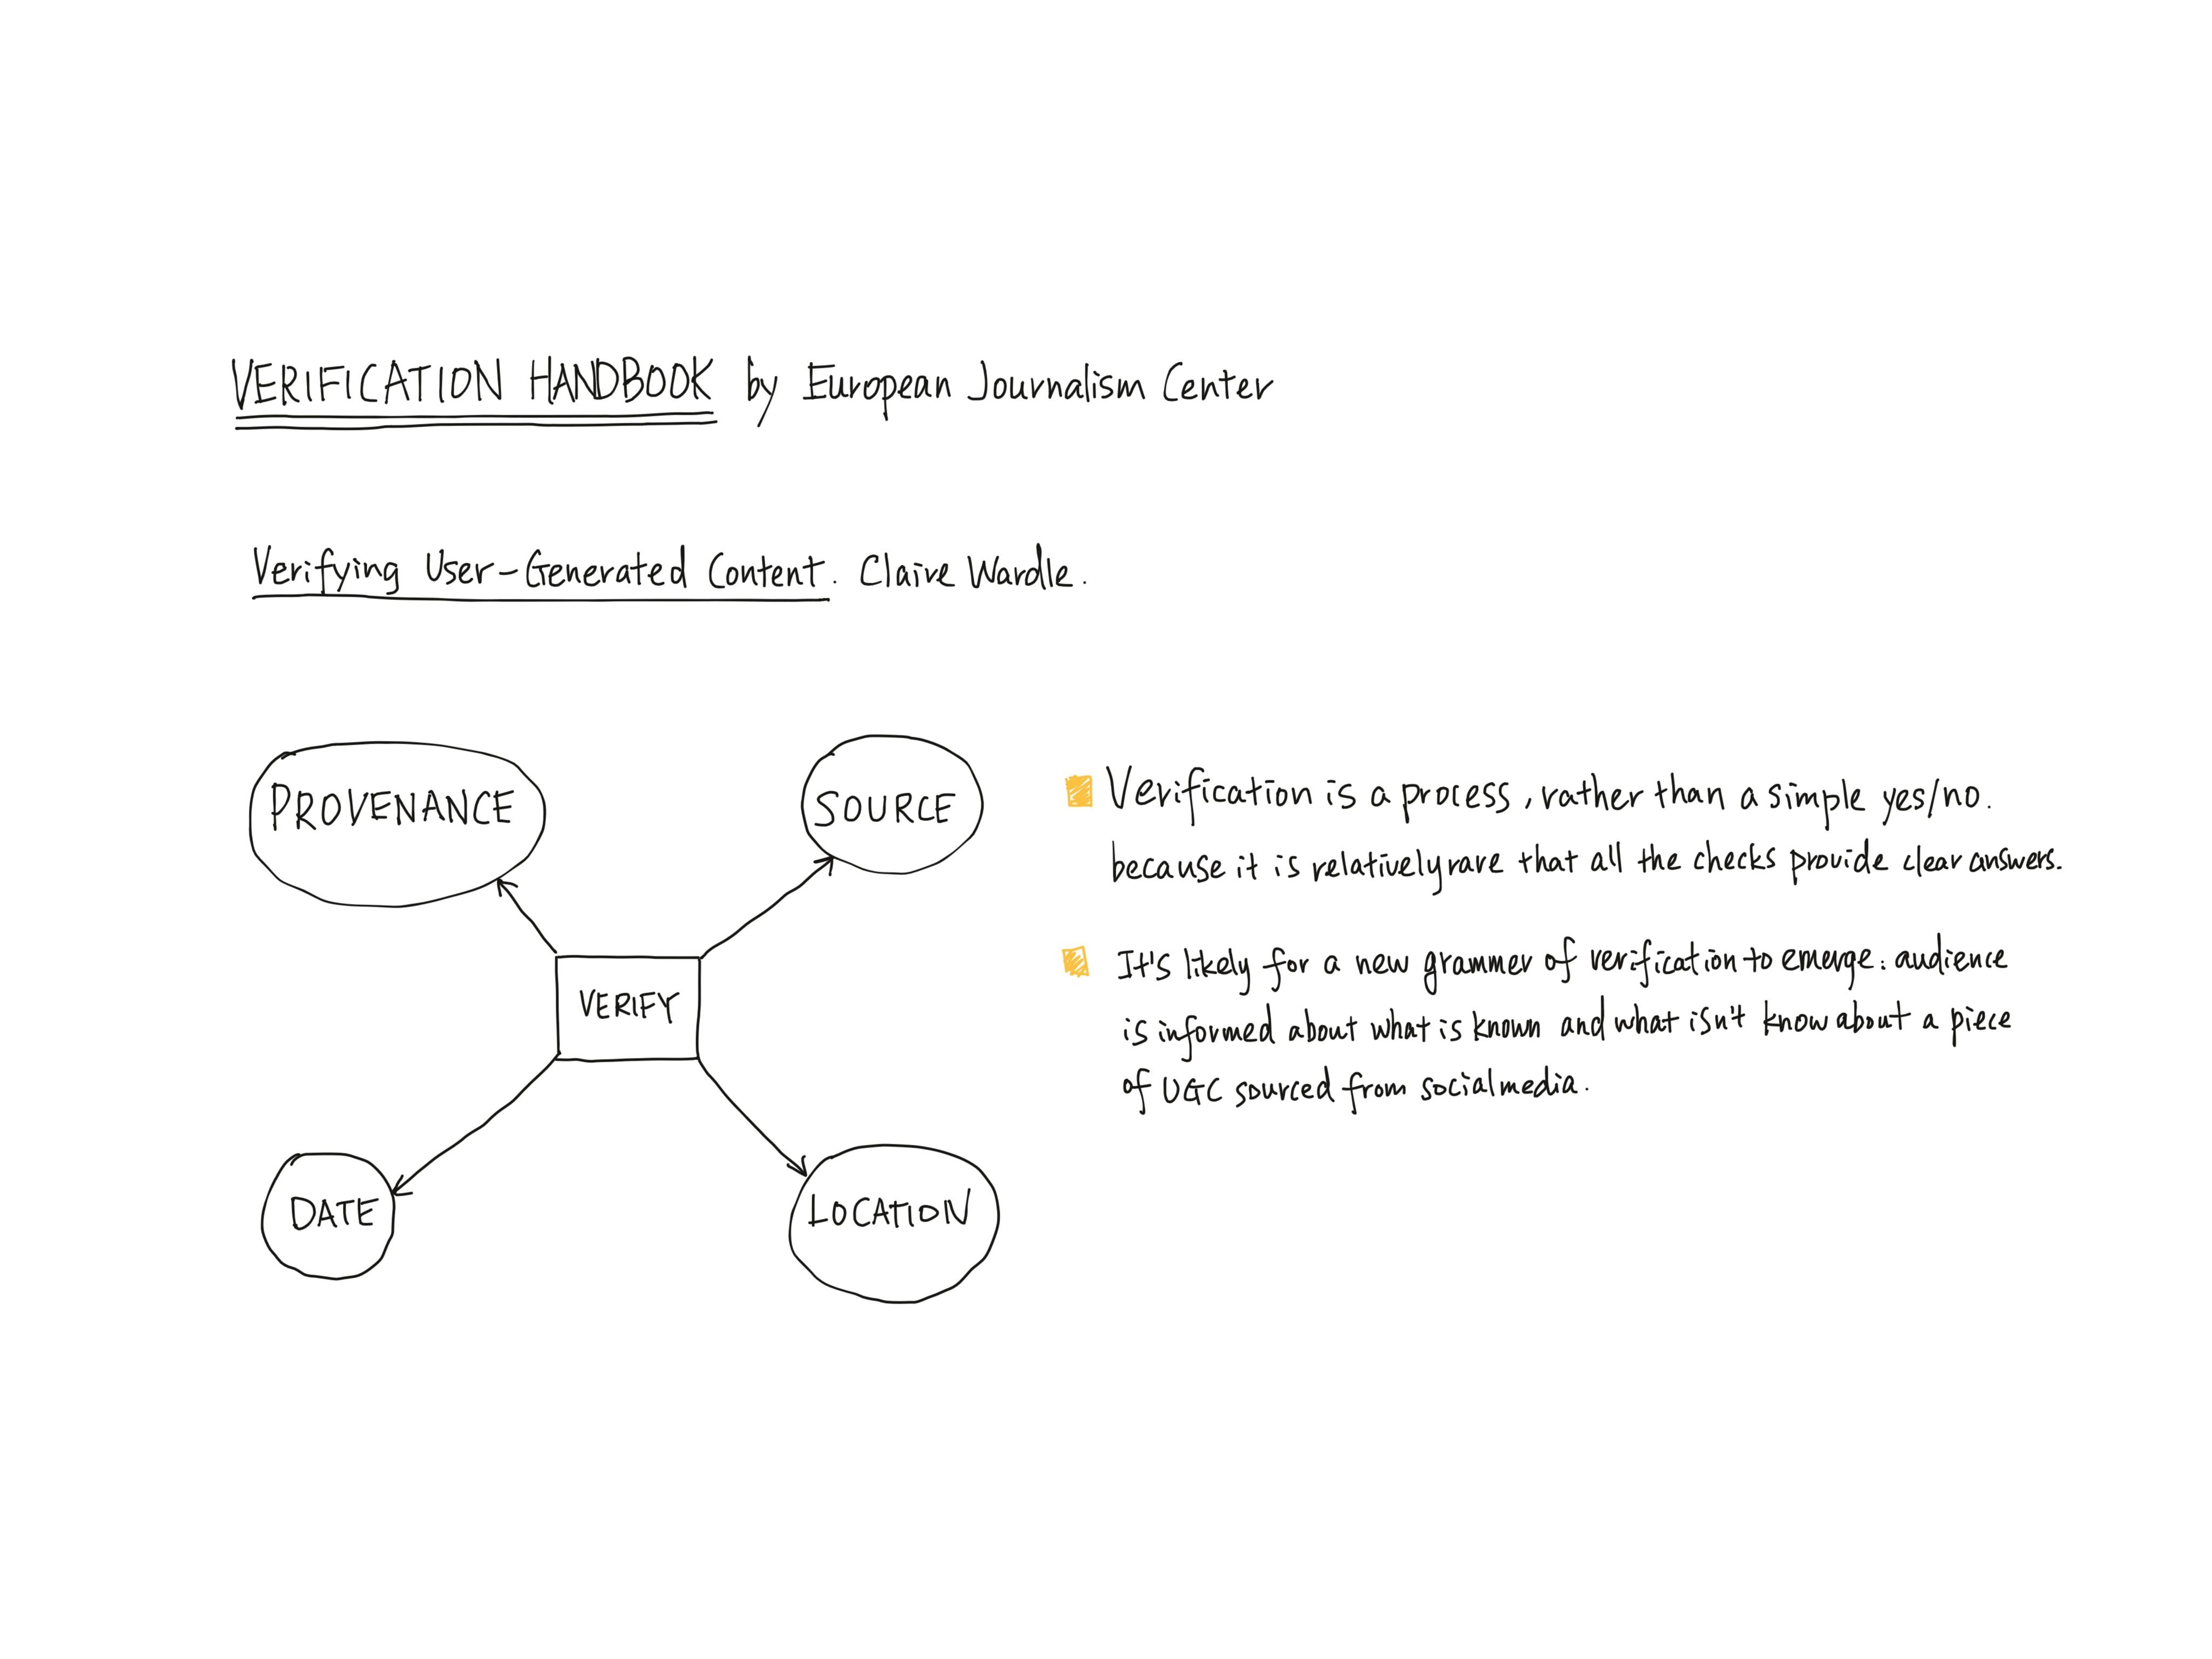 Research Sketchnotes 2.23.2020@Tara Lin